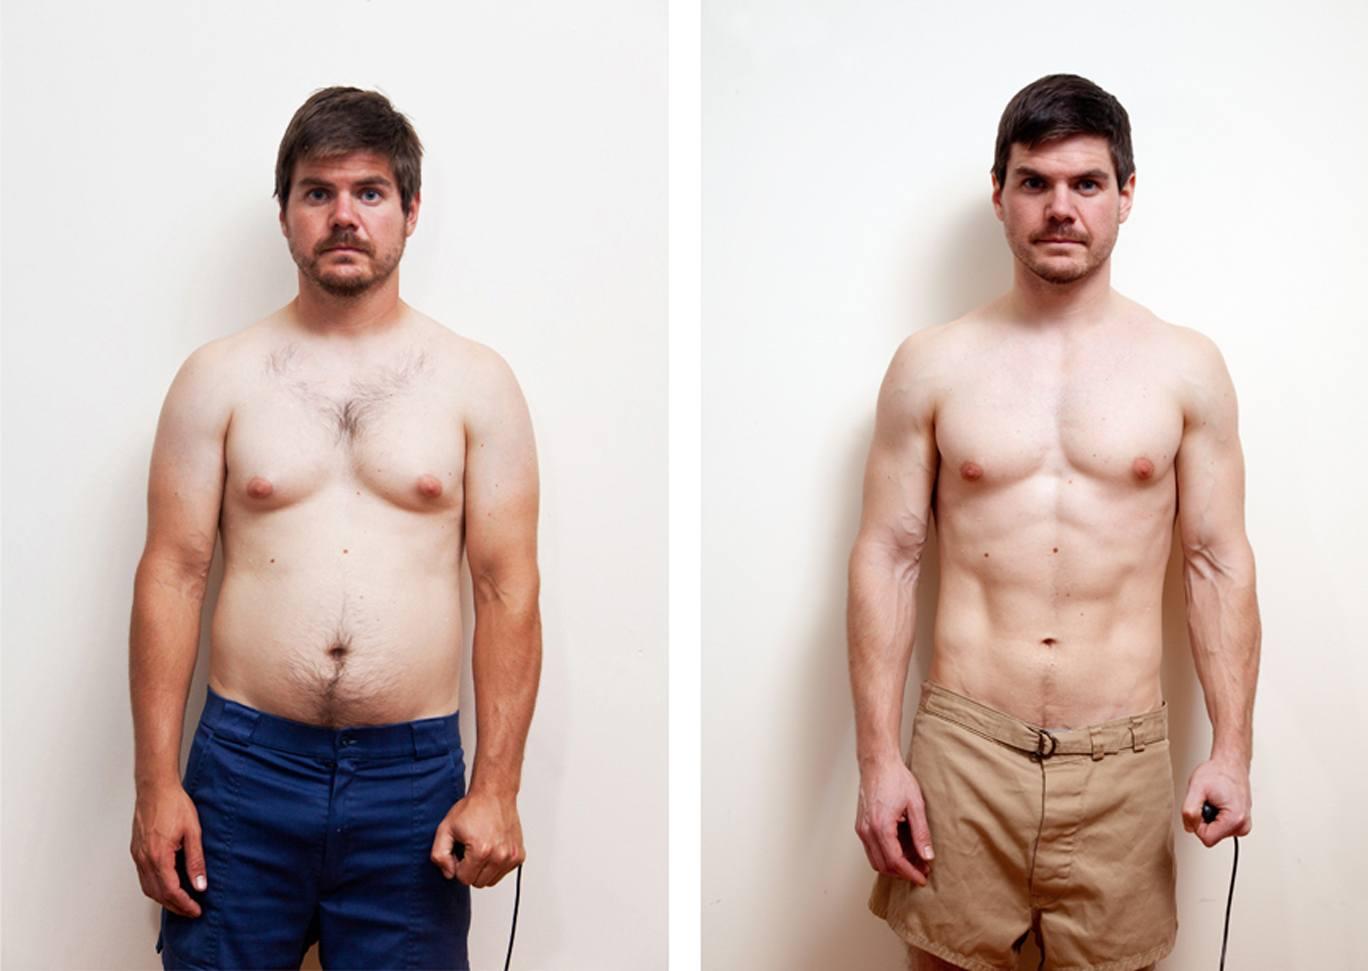 Bí quyết giảm cân chủ yếu đến từ việc kết hợp chế độ tập luyện và ăn uống. Ảnh: Reader's Digest